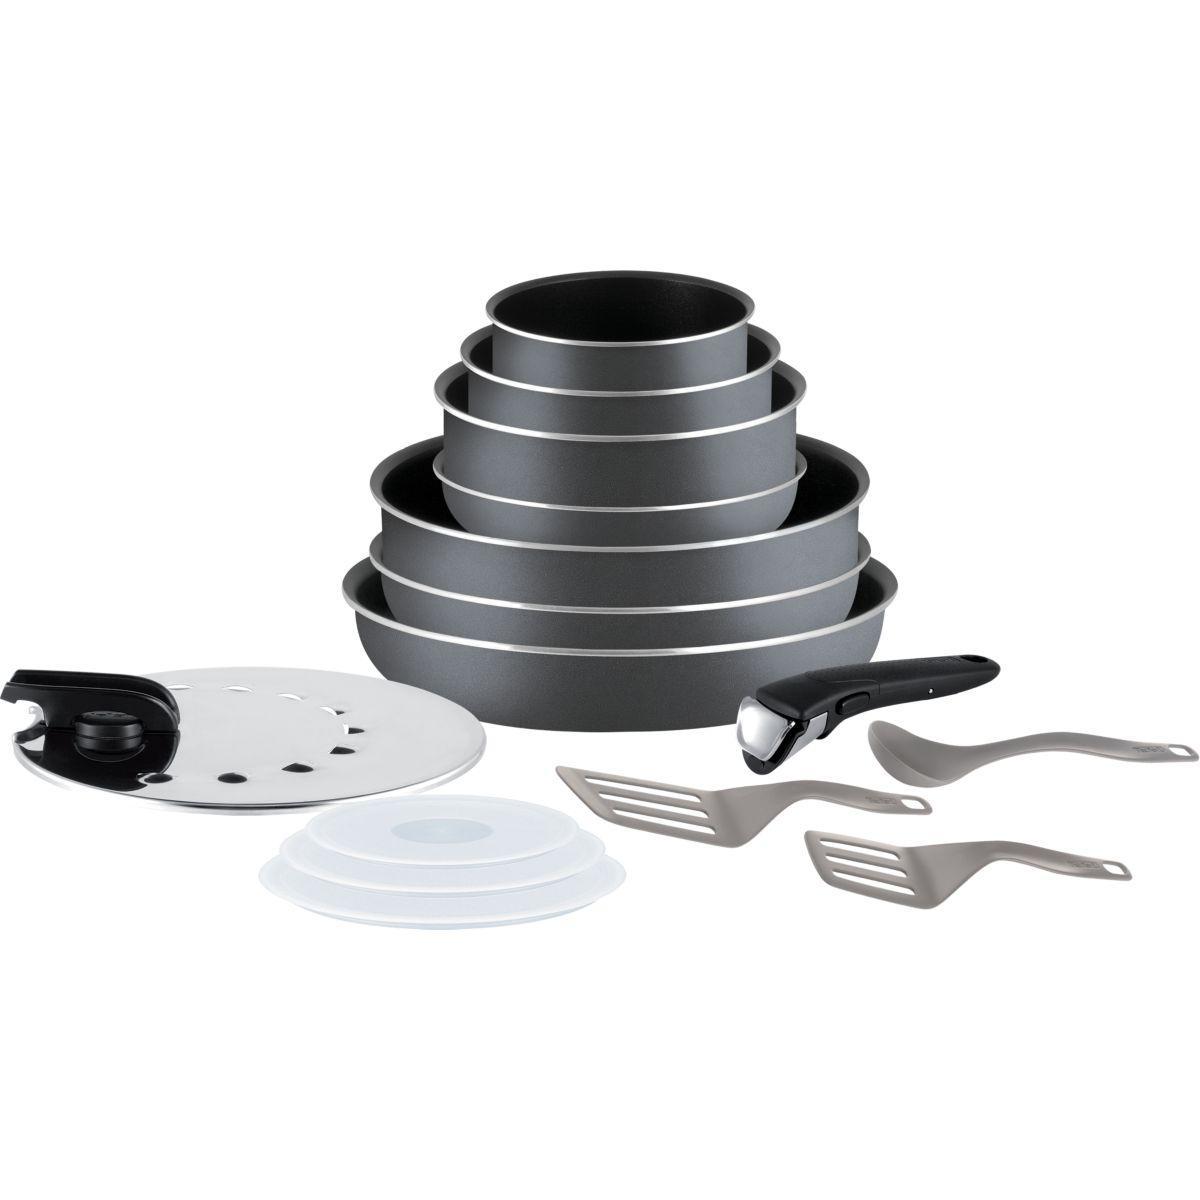 Batterie de cuisine tefal ingenio minute gris 15p l2048802 (photo)